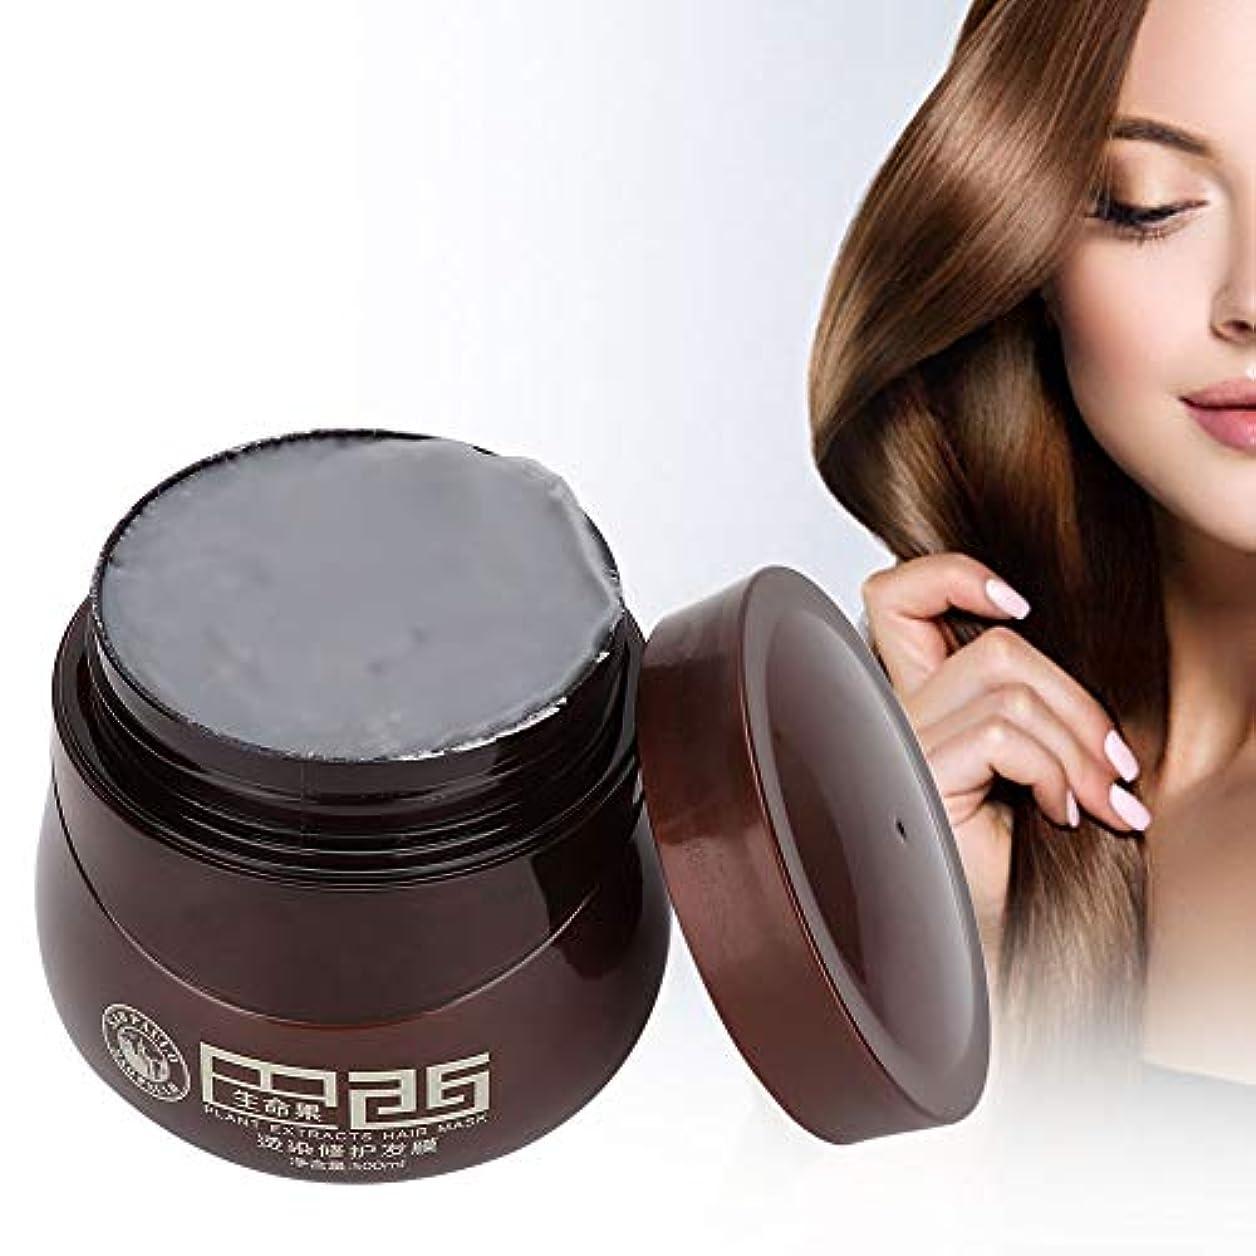 距離ステレオ卒業ヘアマスク、染毛剤ダメージヘアナリッシングリペアマスクトリートメントコンディショナープロのヘアサロンや家庭での使用に最適500ml